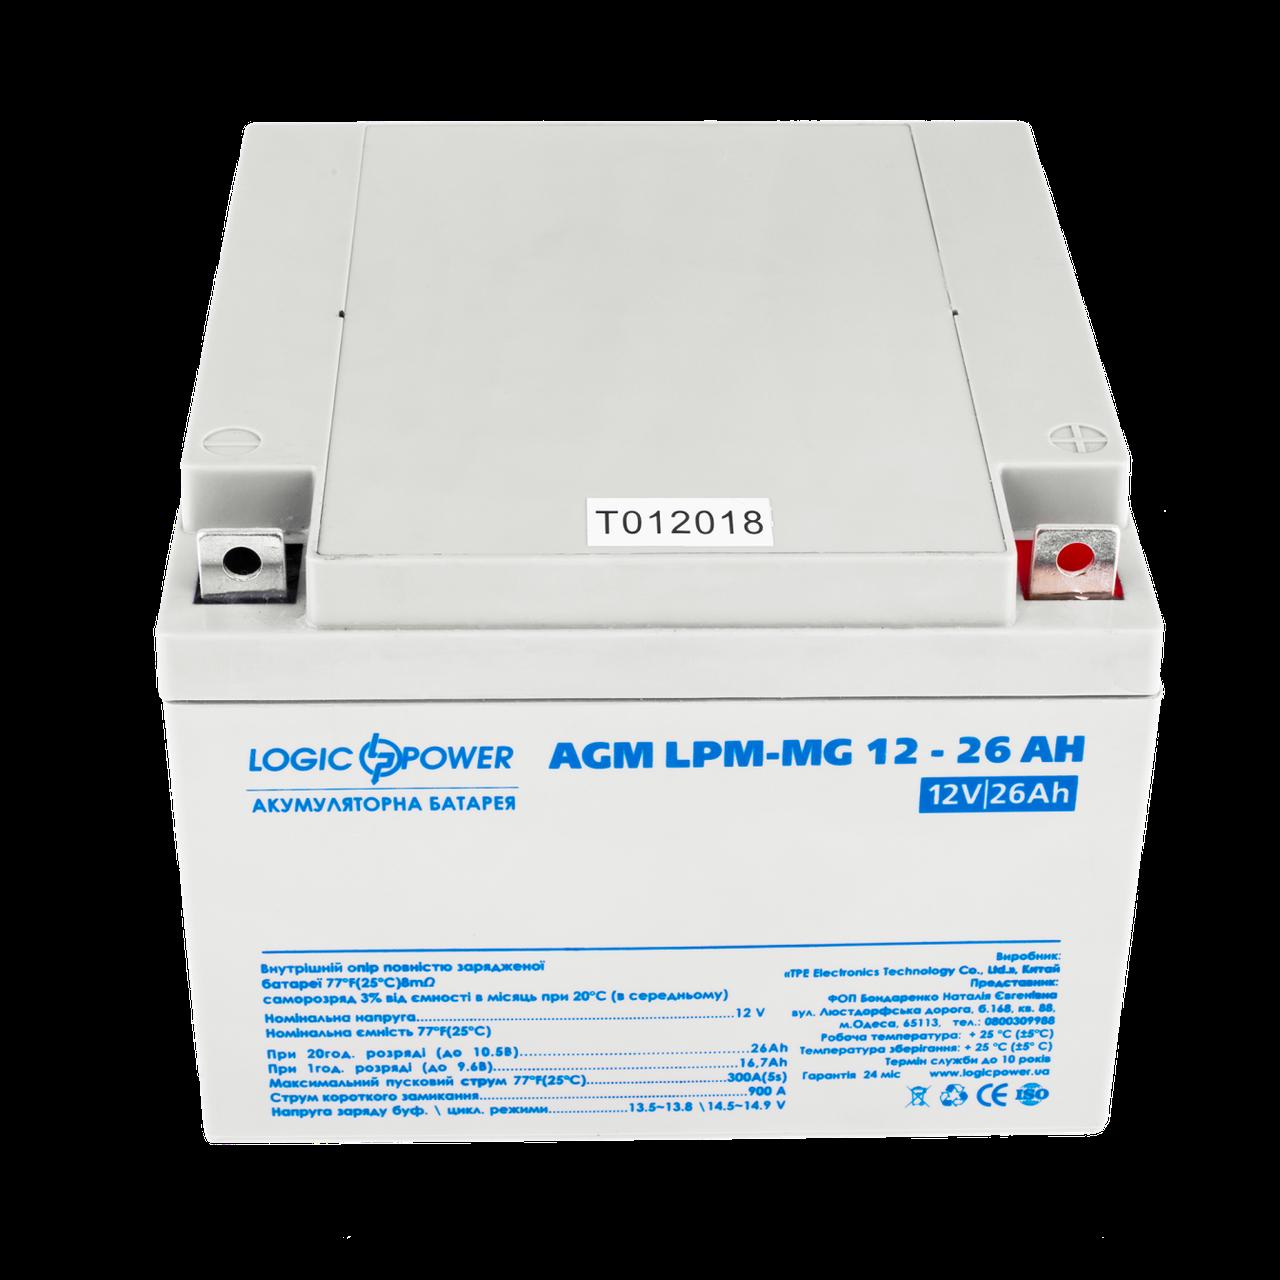 Аккумулятор AGM - 26 Ач, 12В мультигелевый LogicPower LPM-MG 12-26 AH